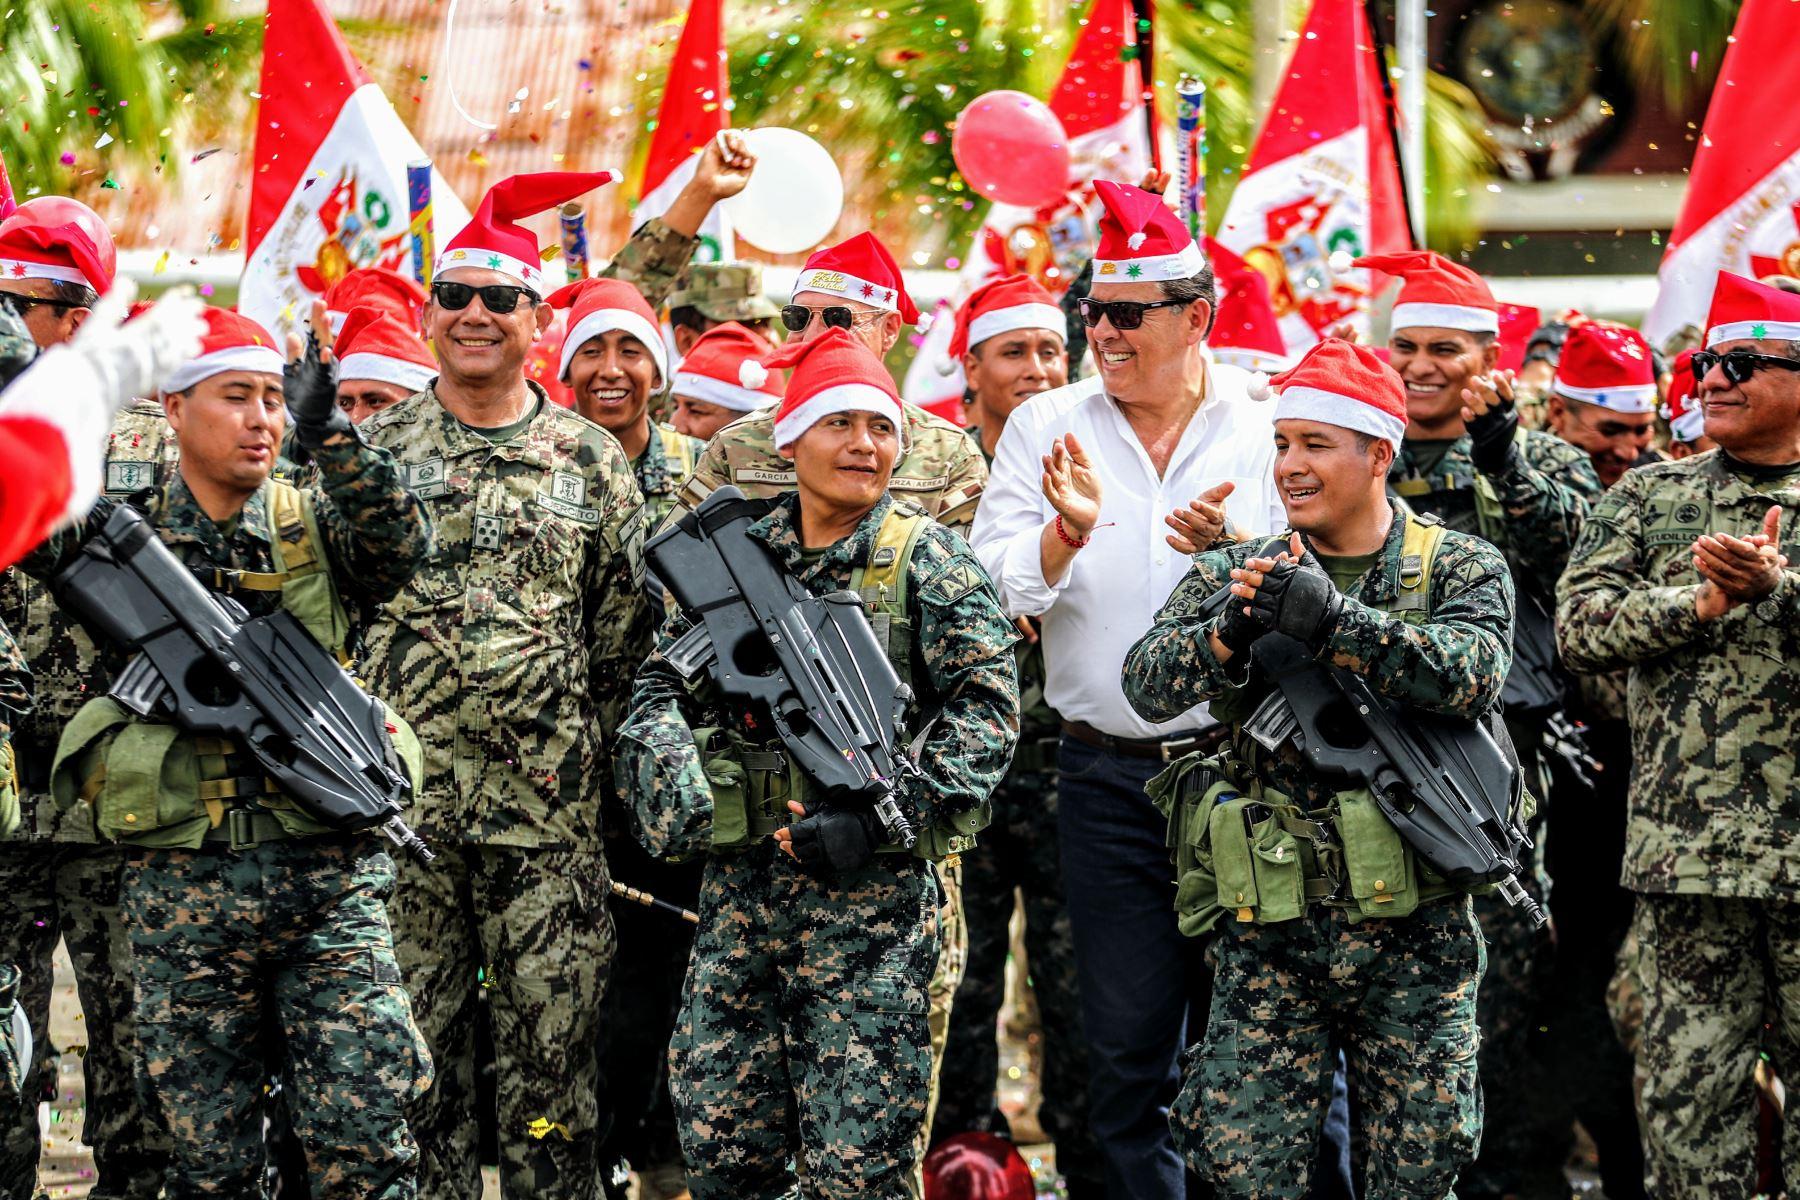 Visita a la base de Pichari por fiestas navideñas por parte del ministro de Defensa José Huertas. Foto: ANDINA/Luis Iparraguirre